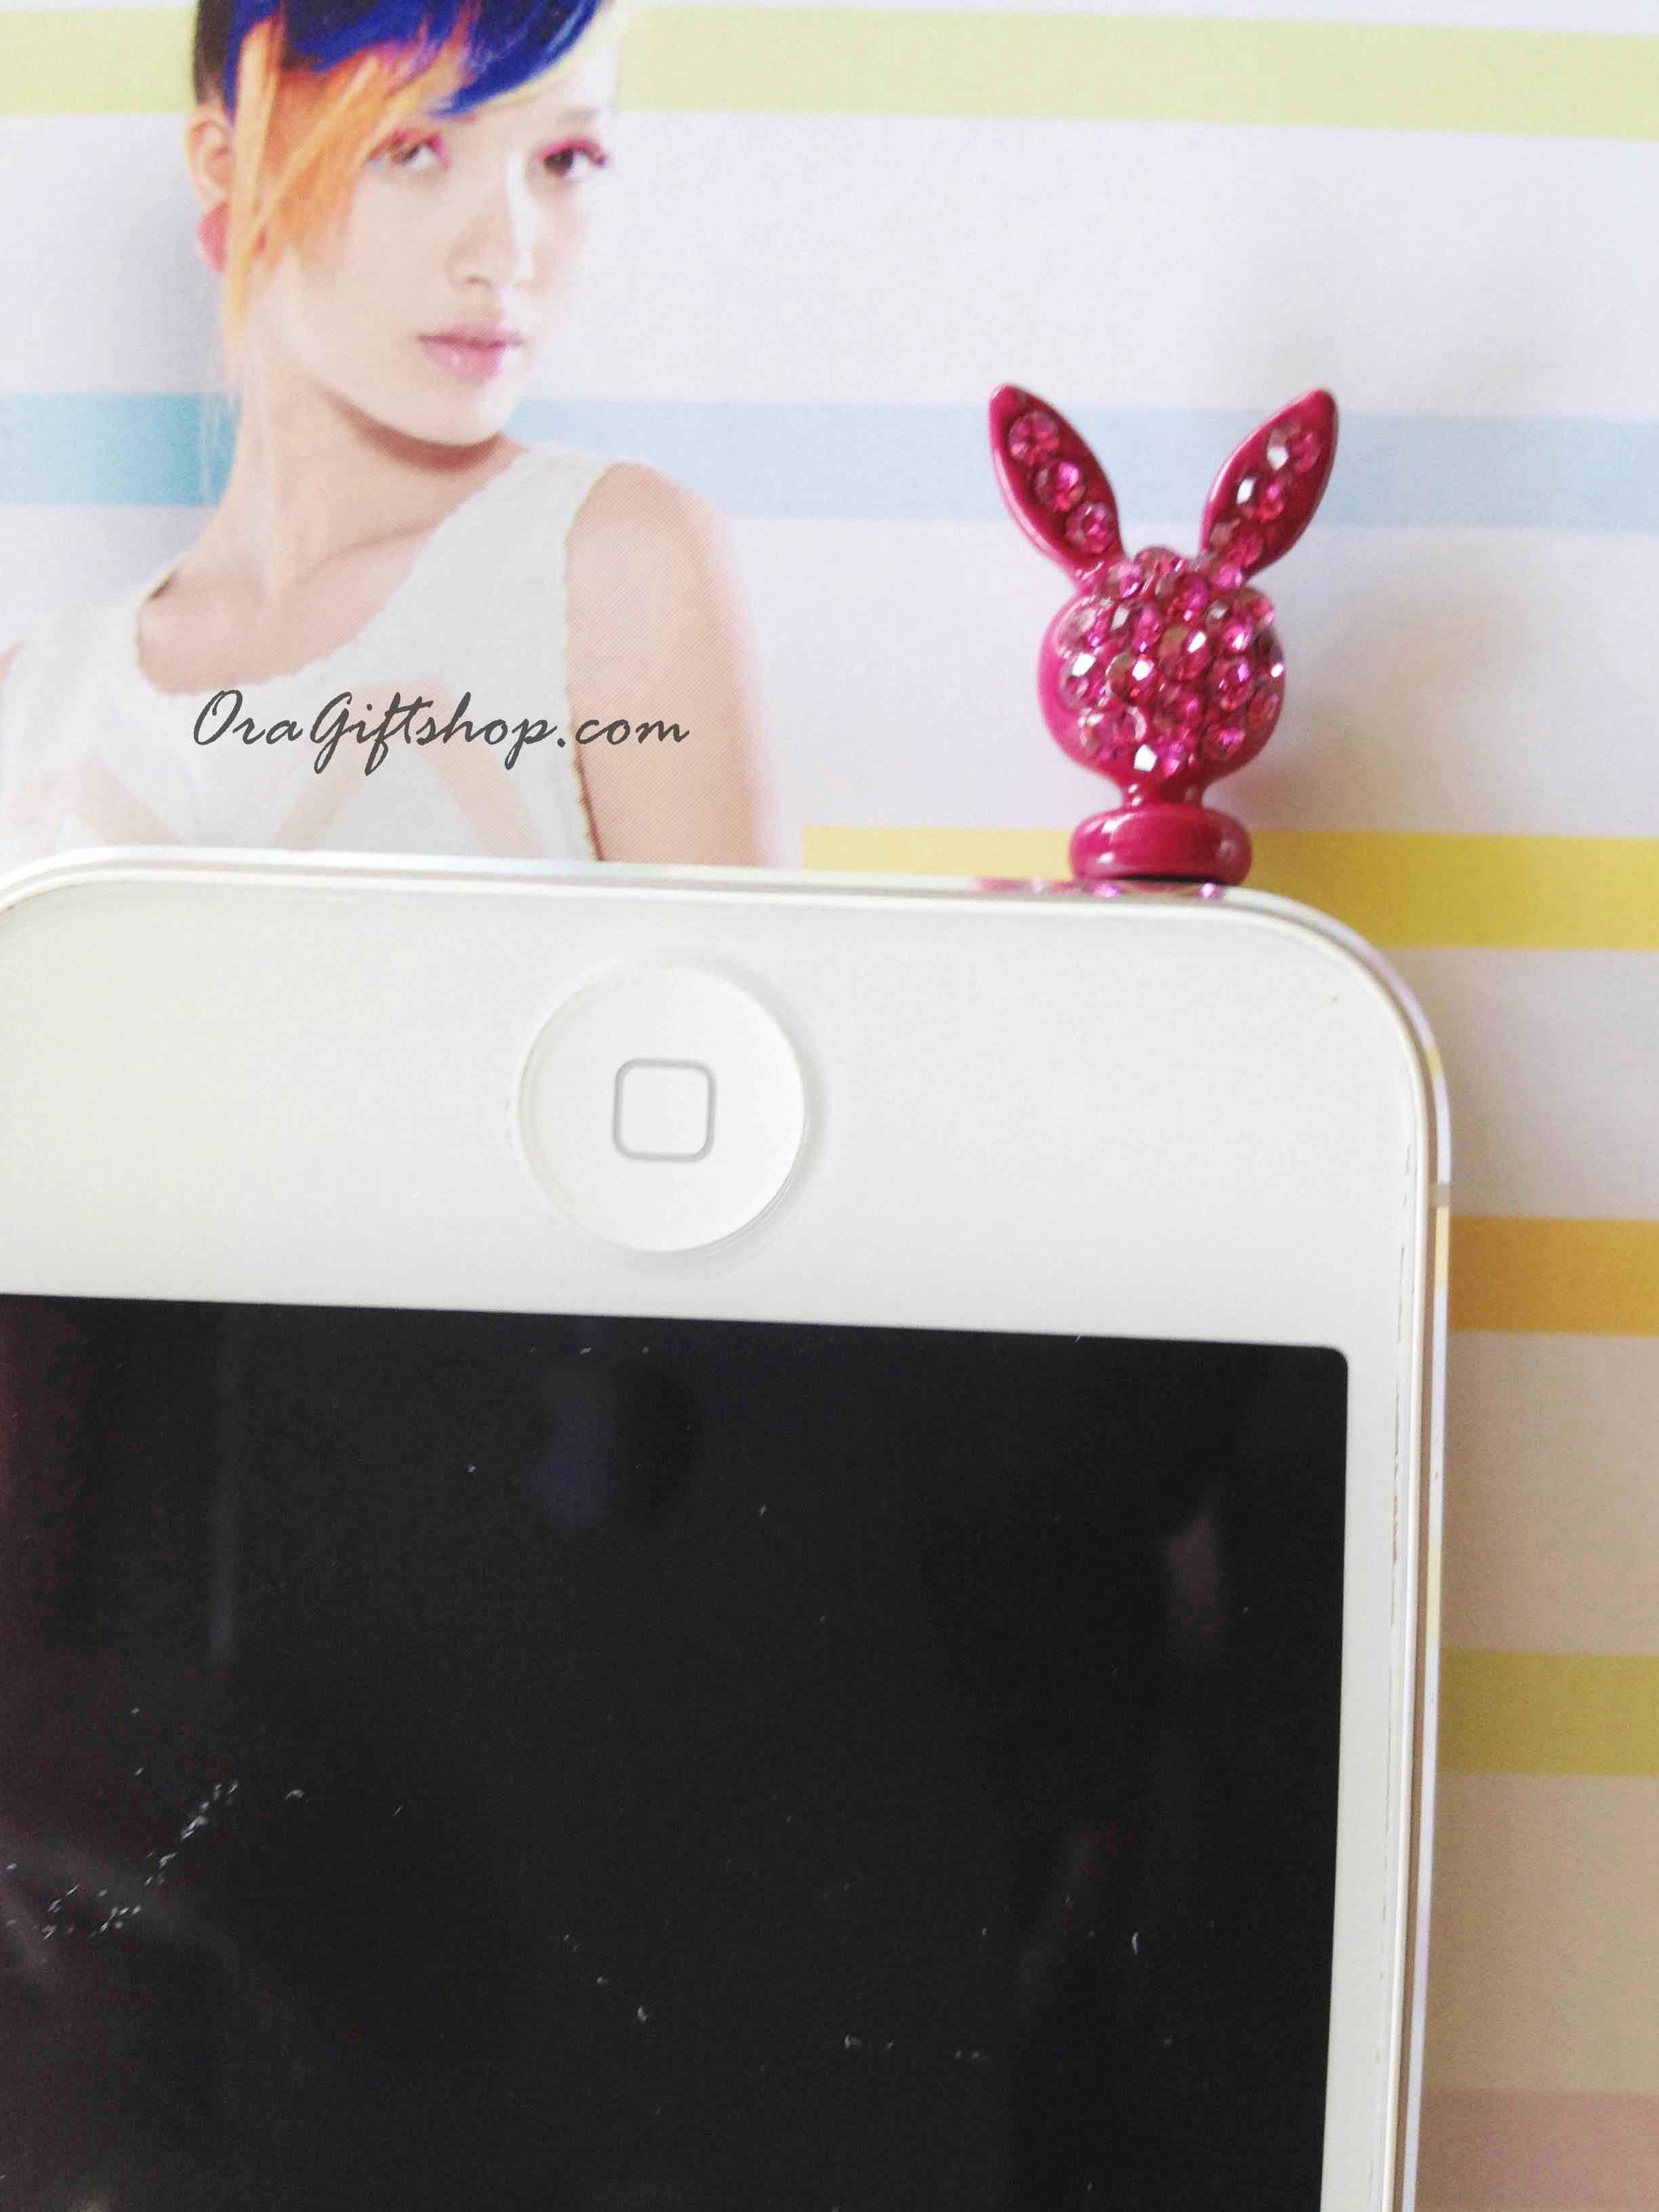 จุกปิดกันฝ่น Iphone รูปกระต่ายสีแดง